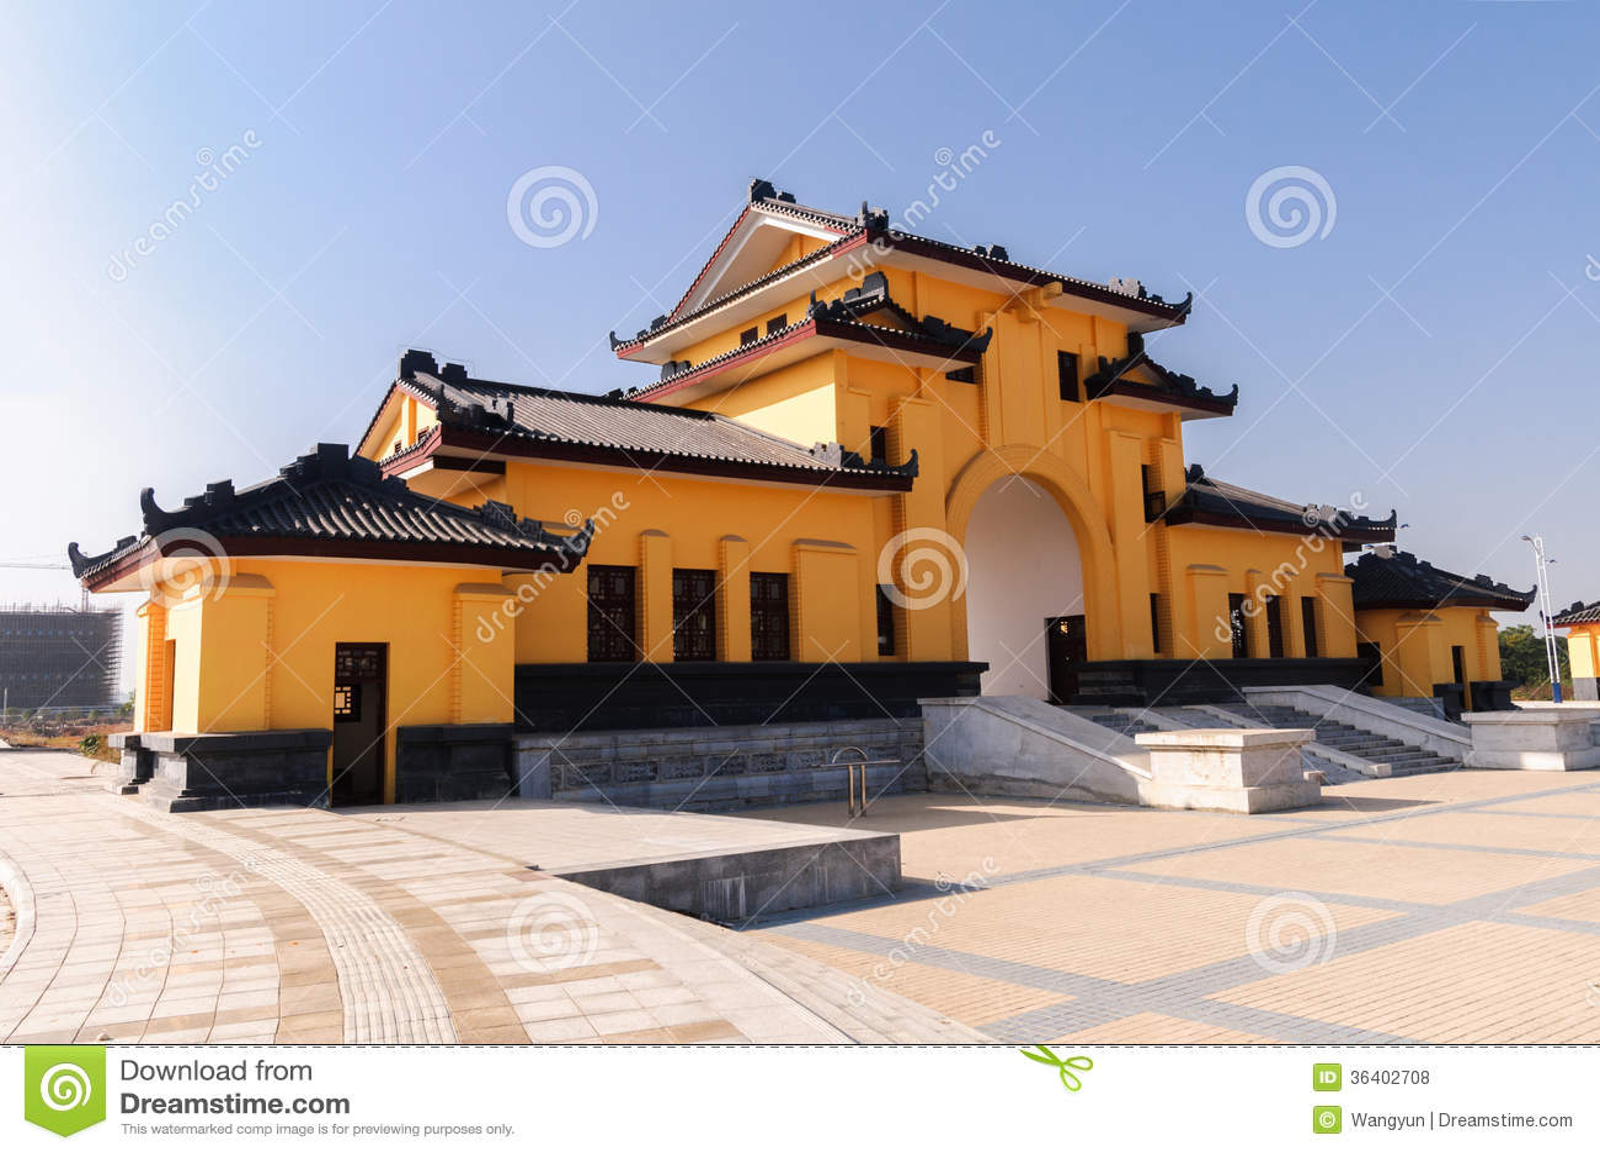 ancient palace of china royalty free stock photos image